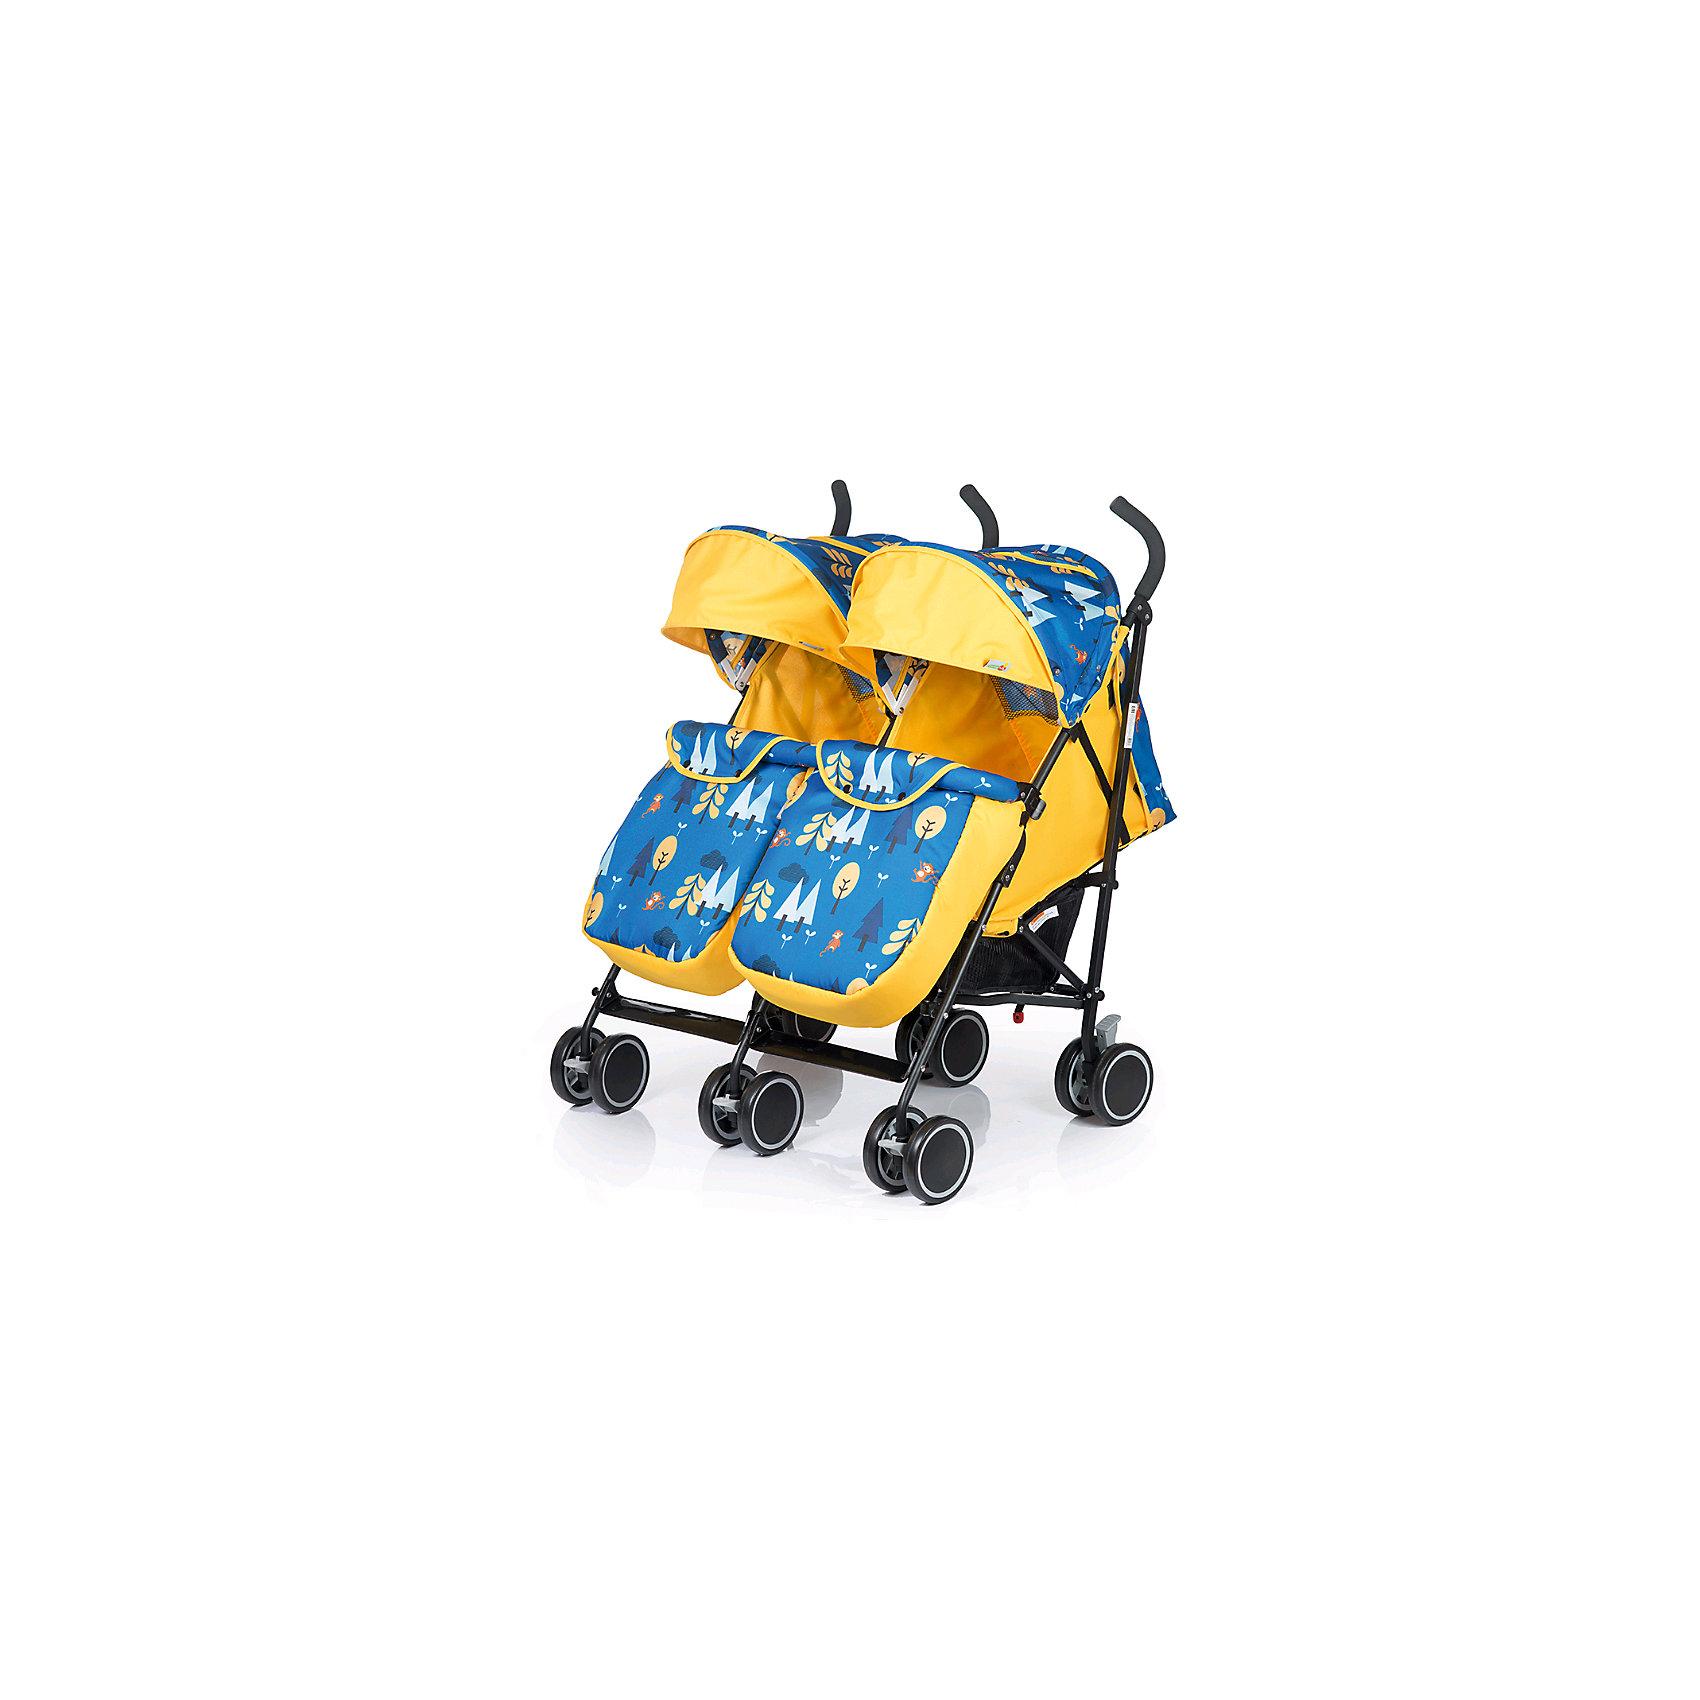 Коляска-трость для двойни BabyHit Twicey, желтый/синийКоляски для двойни<br>Прогулочная коляска-трость для двойни Babyhit Twicey<br>Сдвоенные передние поворотные колеса с фиксацией в положении «прямо»<br>Капюшон «батискаф»<br>Съемный поручень с паховыми ремнями<br>Система амортизации на всех колесах<br>Регулируемые до положения «лежа» спинки<br>Регулируемые подножки<br>5-ти точечная система ремней безопасности<br>Багажная корзина<br>Смотровое окно в капюшоне<br>В комплекте: полог, москитная сетка<br><br>Характеристика:<br>Размеры в разложенном виде: 77х80х100 см (ДхШхВ)<br>Размеры в сложенном виде: 97х55х36 см (ДхШхВ)<br>Размер спального места: 69х32 см (ДхШ)<br>Ширина сиденья: 32 см<br>Длина сиденья:  19 см<br>Высота спинки:  42 см<br>Высота до ручки: 100 см<br>Диаметр колес: 13,5 см<br><br>Цвет коляски соответствует первому фото. На дополнительных фото представлена эта же модель в другой расцветке.<br><br>Коляску-трость для двойни BabyHit Twicey, желтый/синийможно купить в нашем интернет-магазине.<br><br>Ширина мм: 940<br>Глубина мм: 225<br>Высота мм: 400<br>Вес г: 11300<br>Возраст от месяцев: 7<br>Возраст до месяцев: 36<br>Пол: Унисекс<br>Возраст: Детский<br>SKU: 6668601